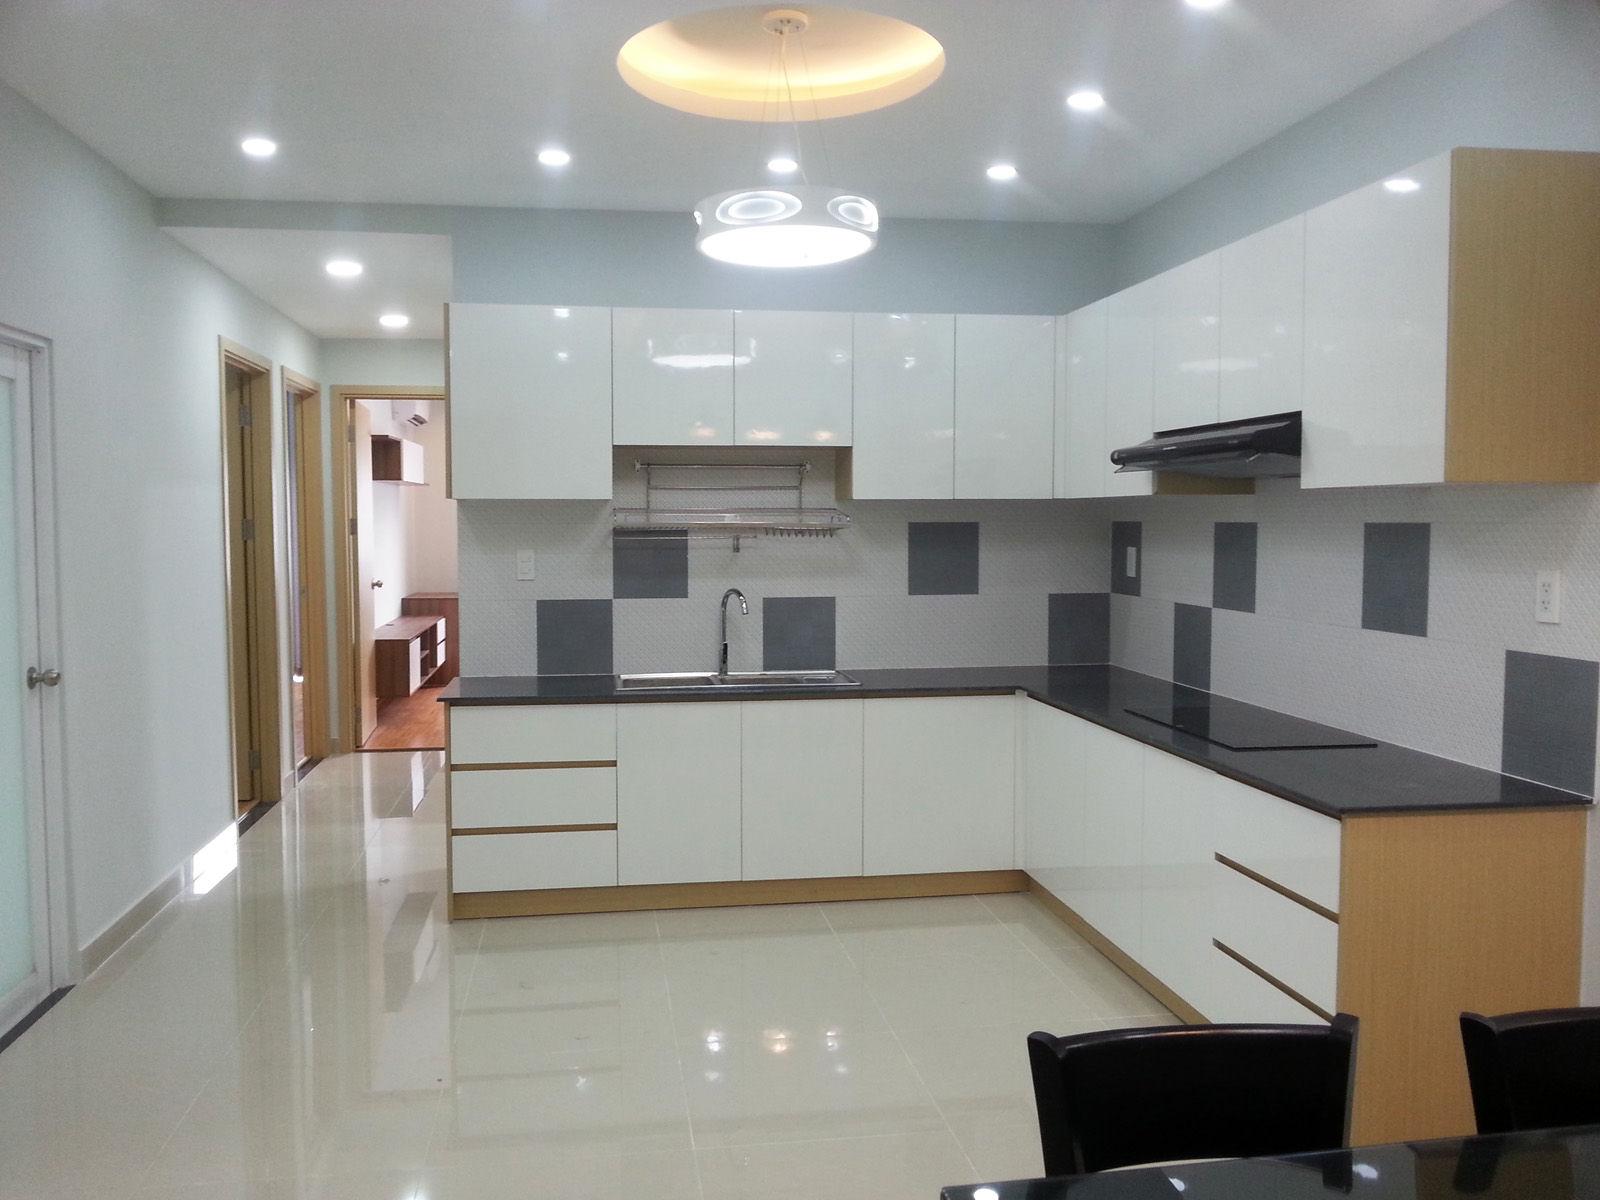 Phòng bếp căn hộ mẫu thực tế chung cư Orential Plaza